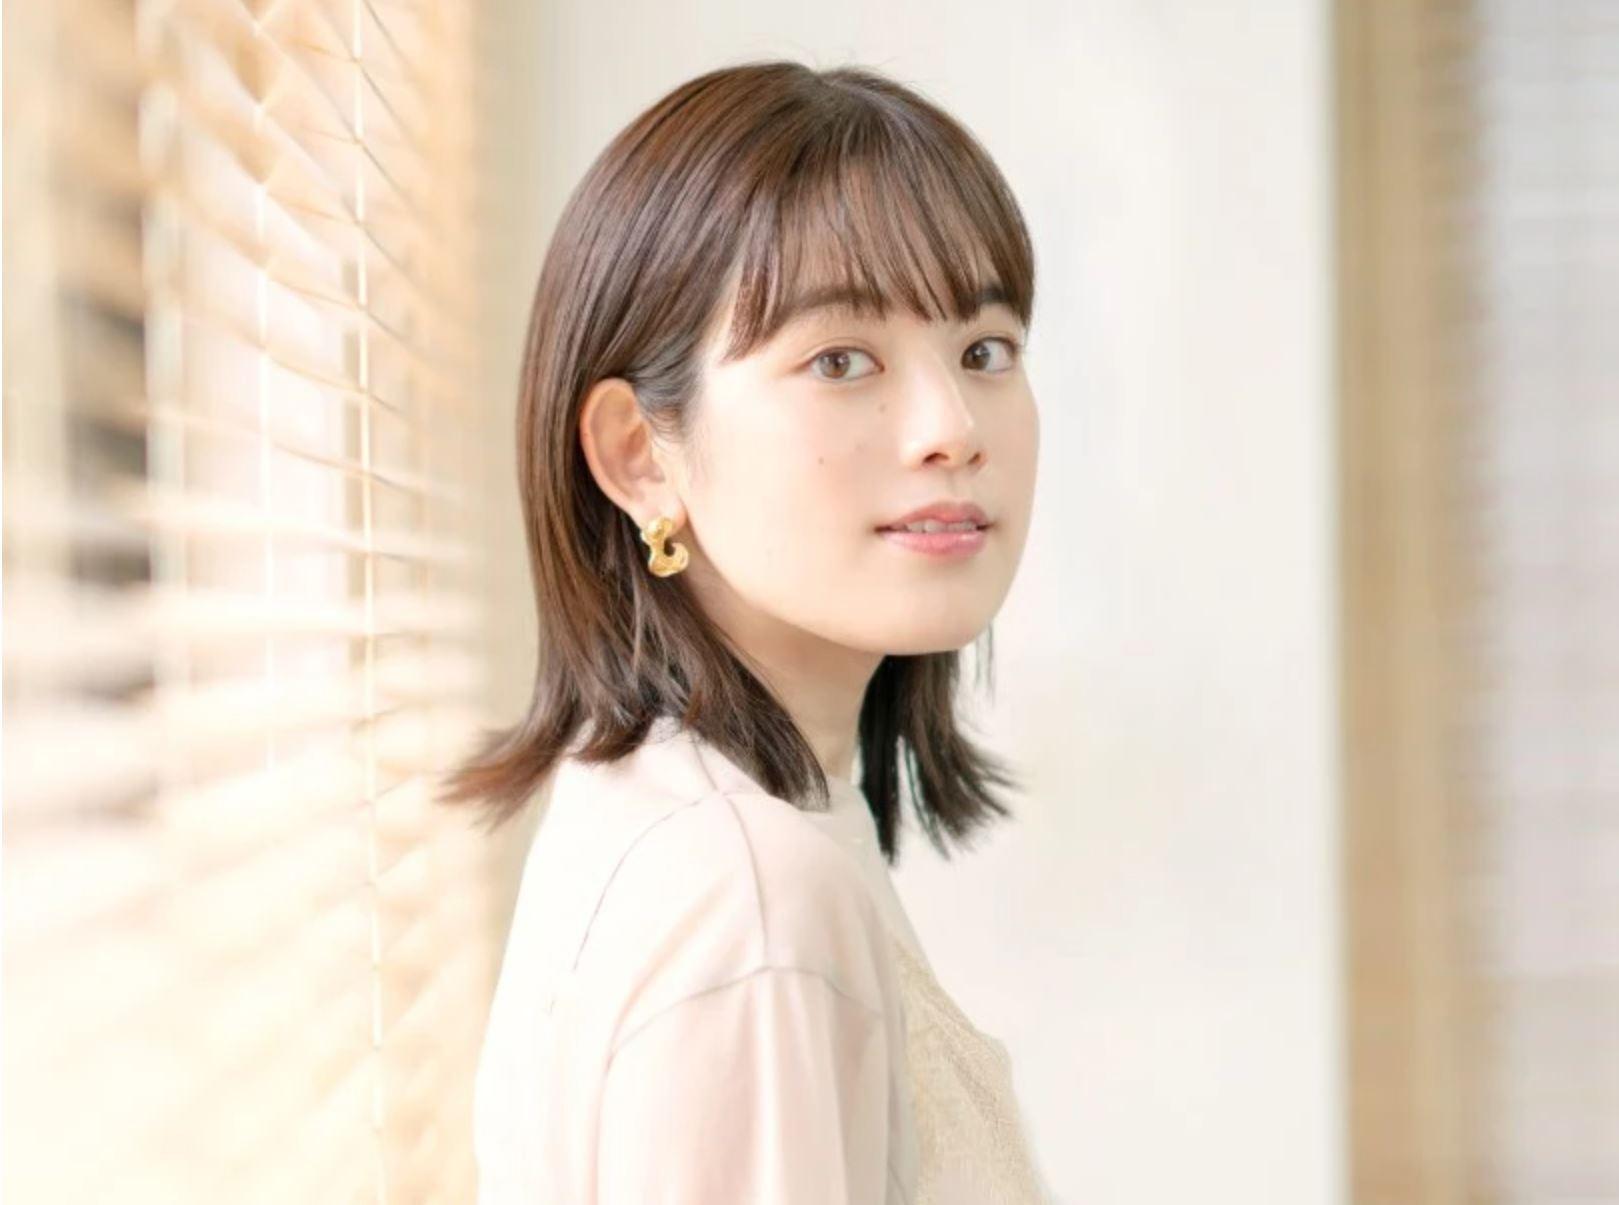 筧美和子。(摘自https://twitter.com/miwakokakei)